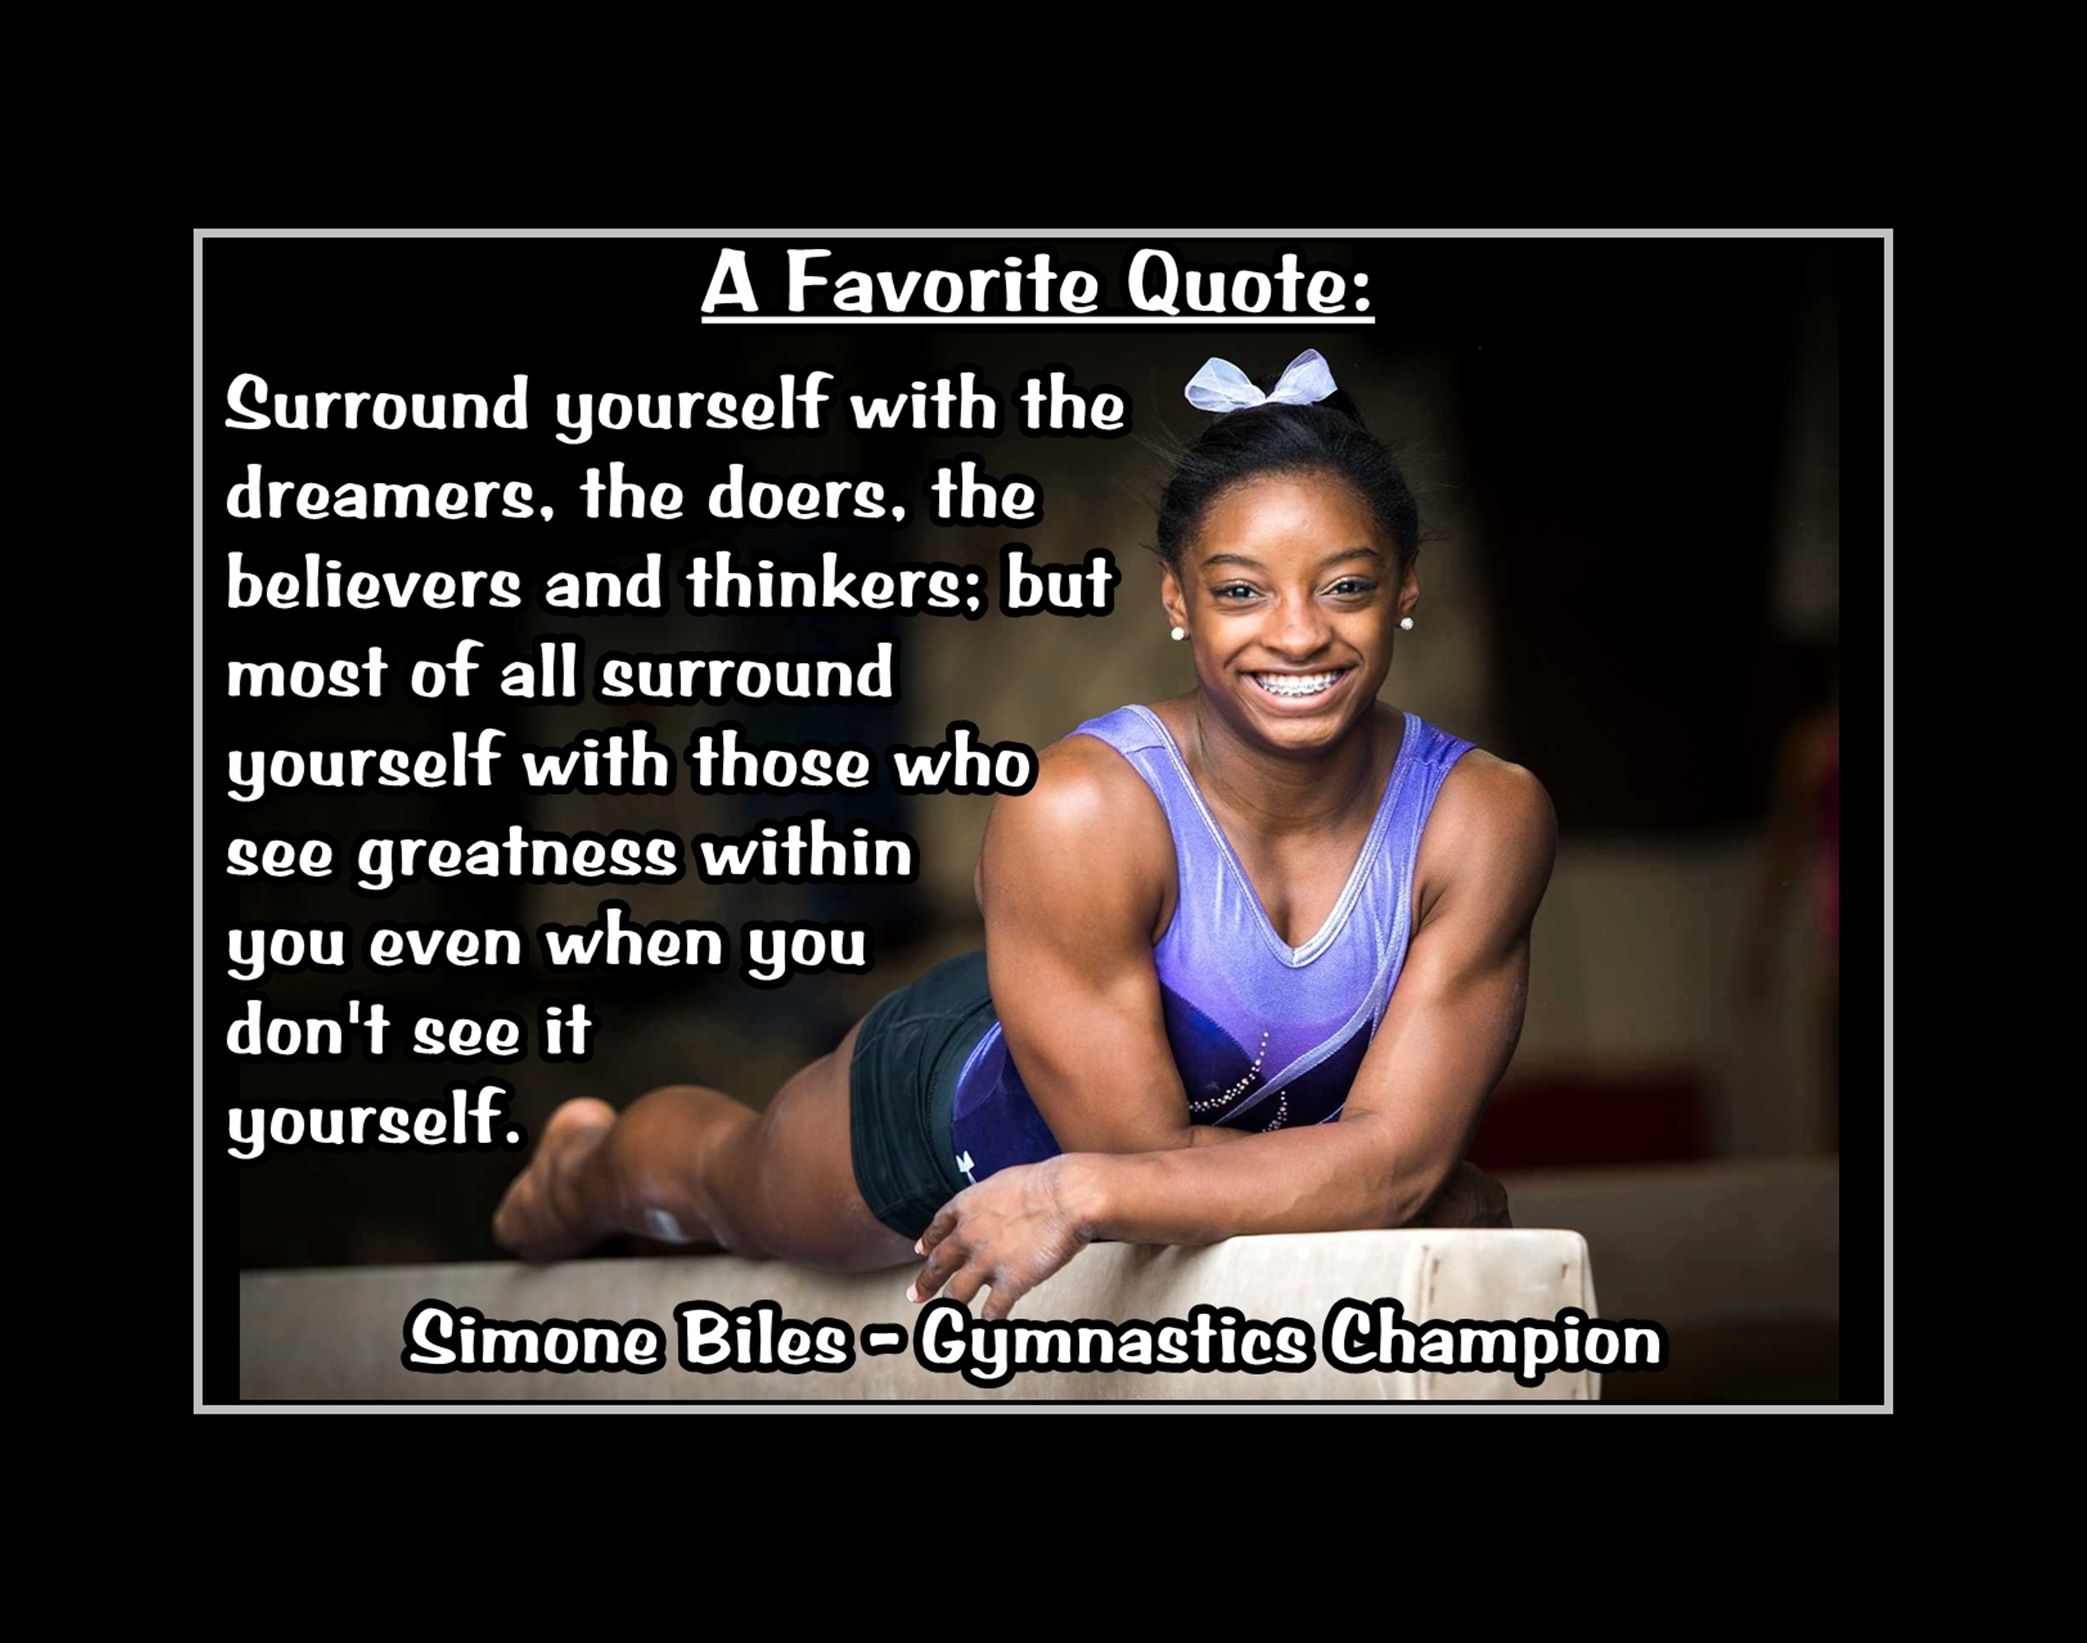 simone biles inspirational gymnastics